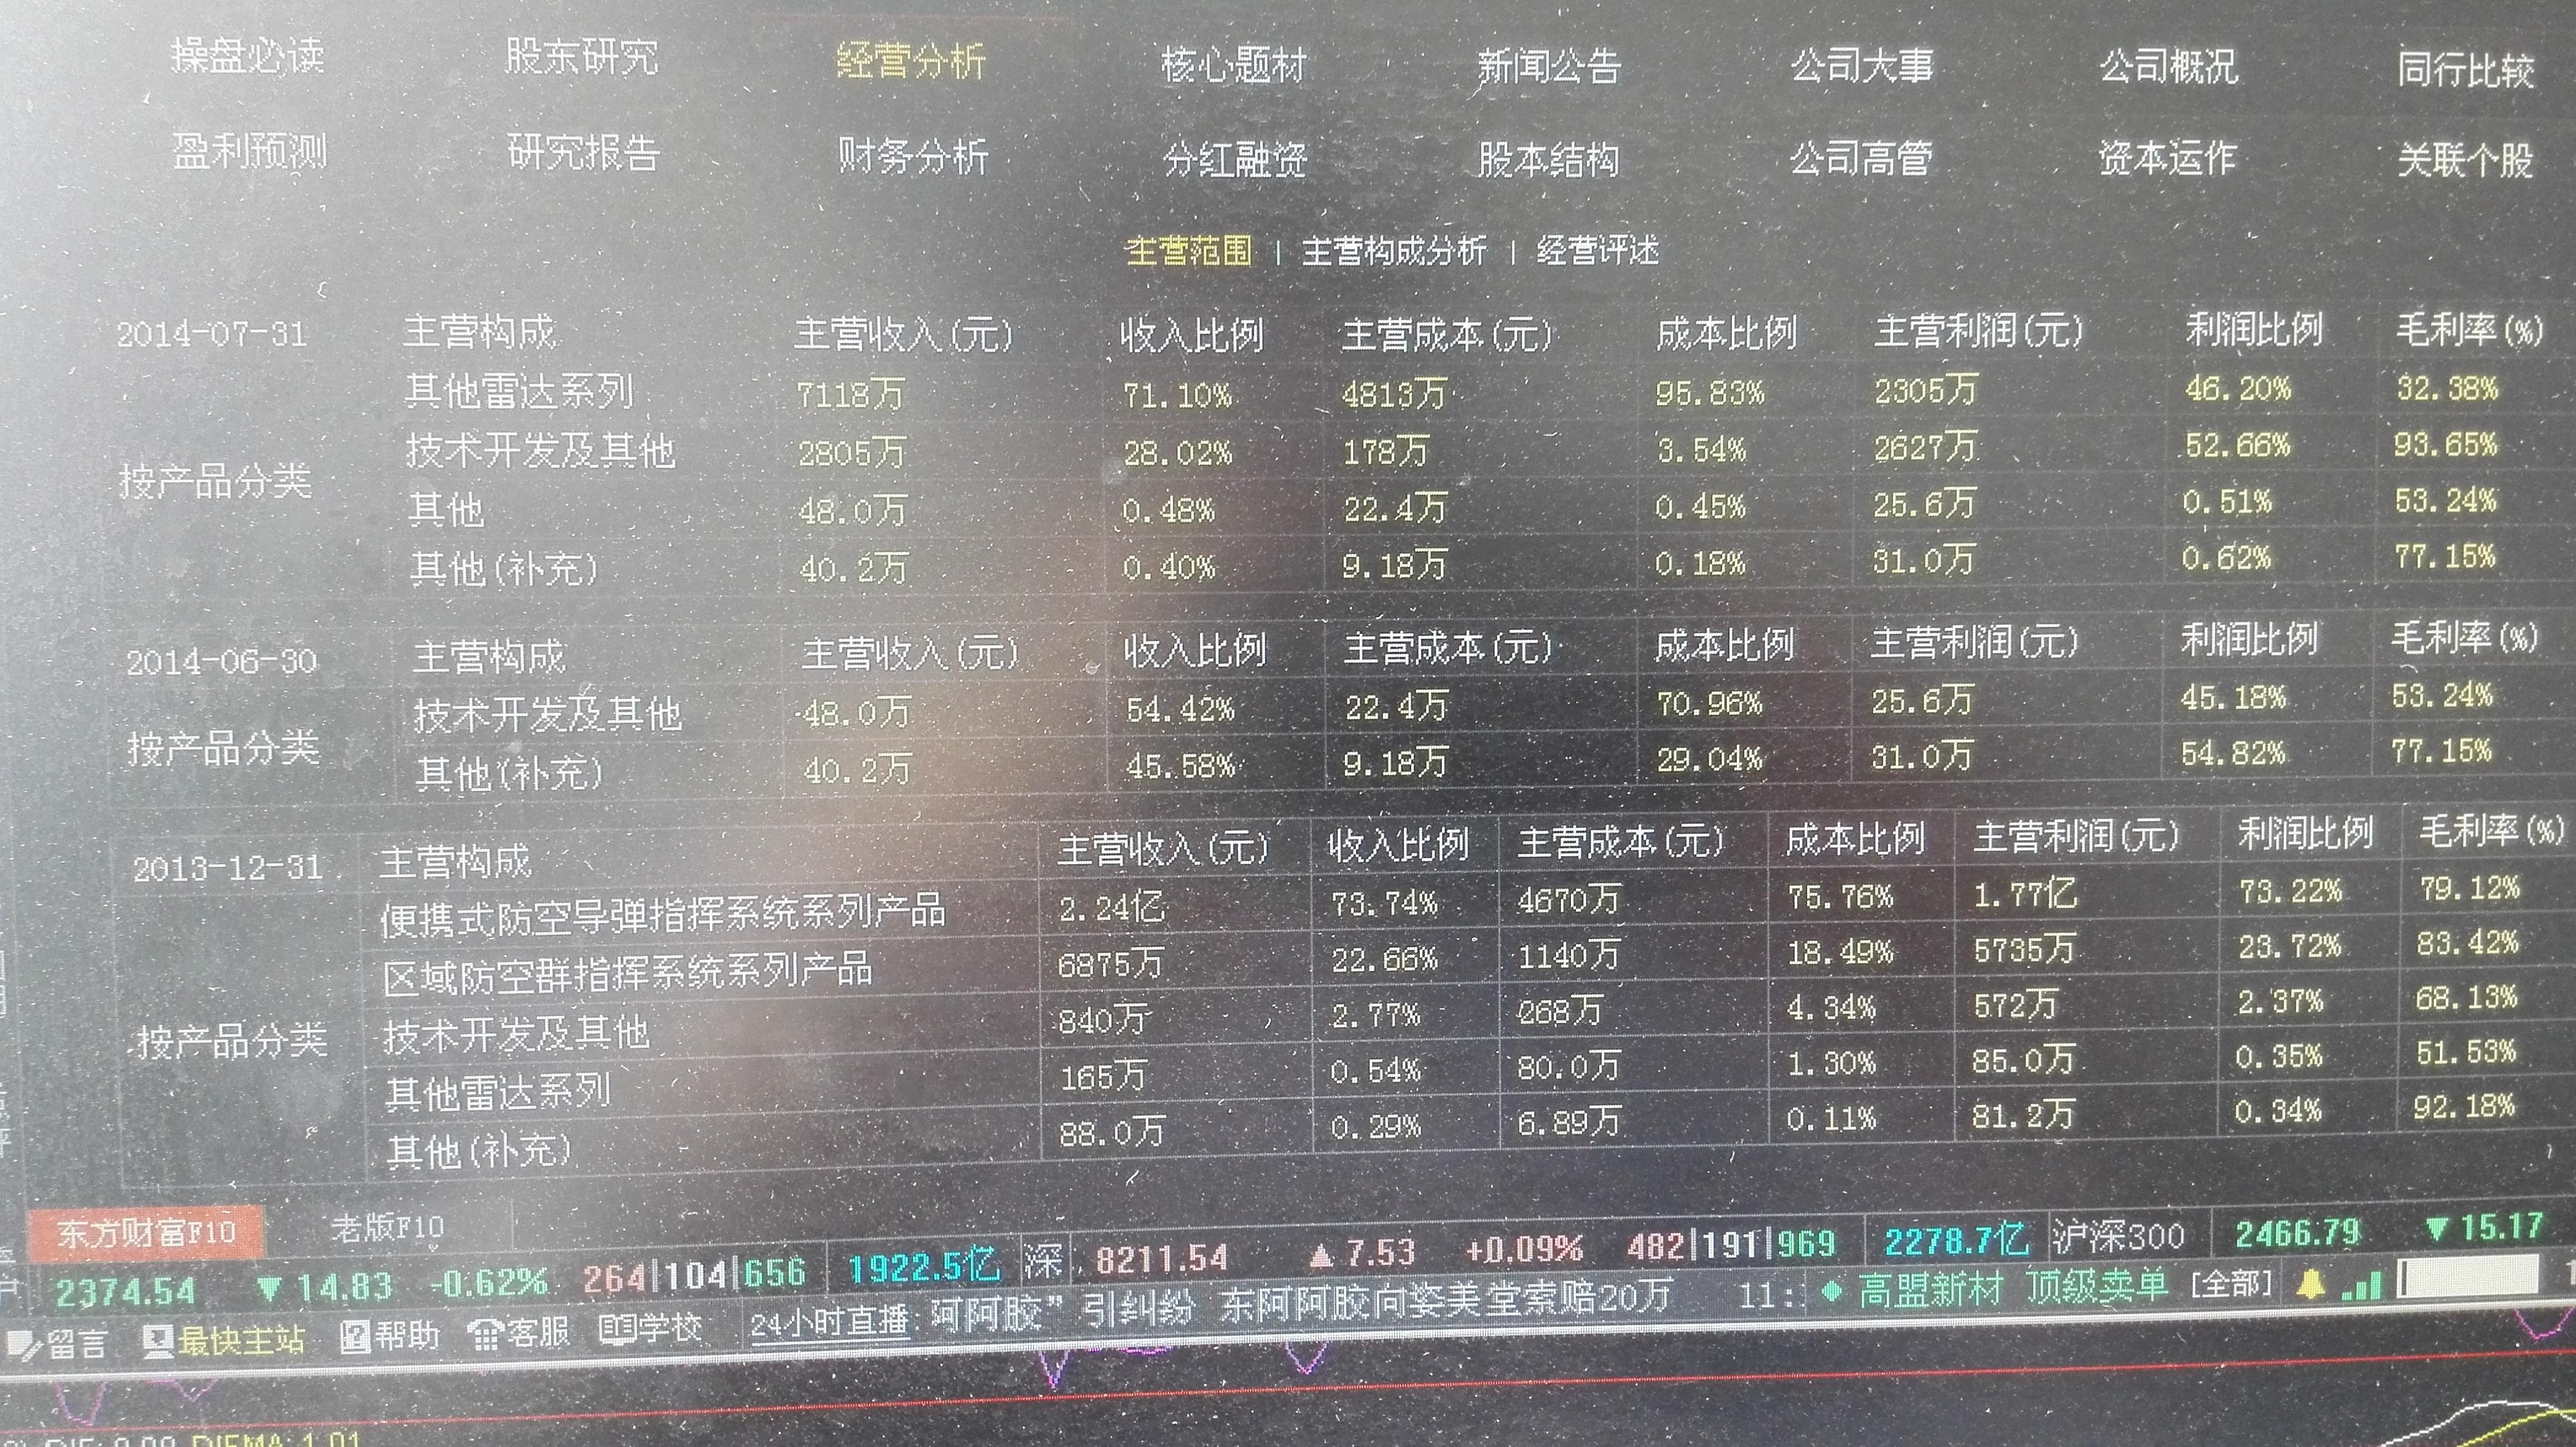 天和防务利润_天和防务(300397)股吧_东方财富网股吧